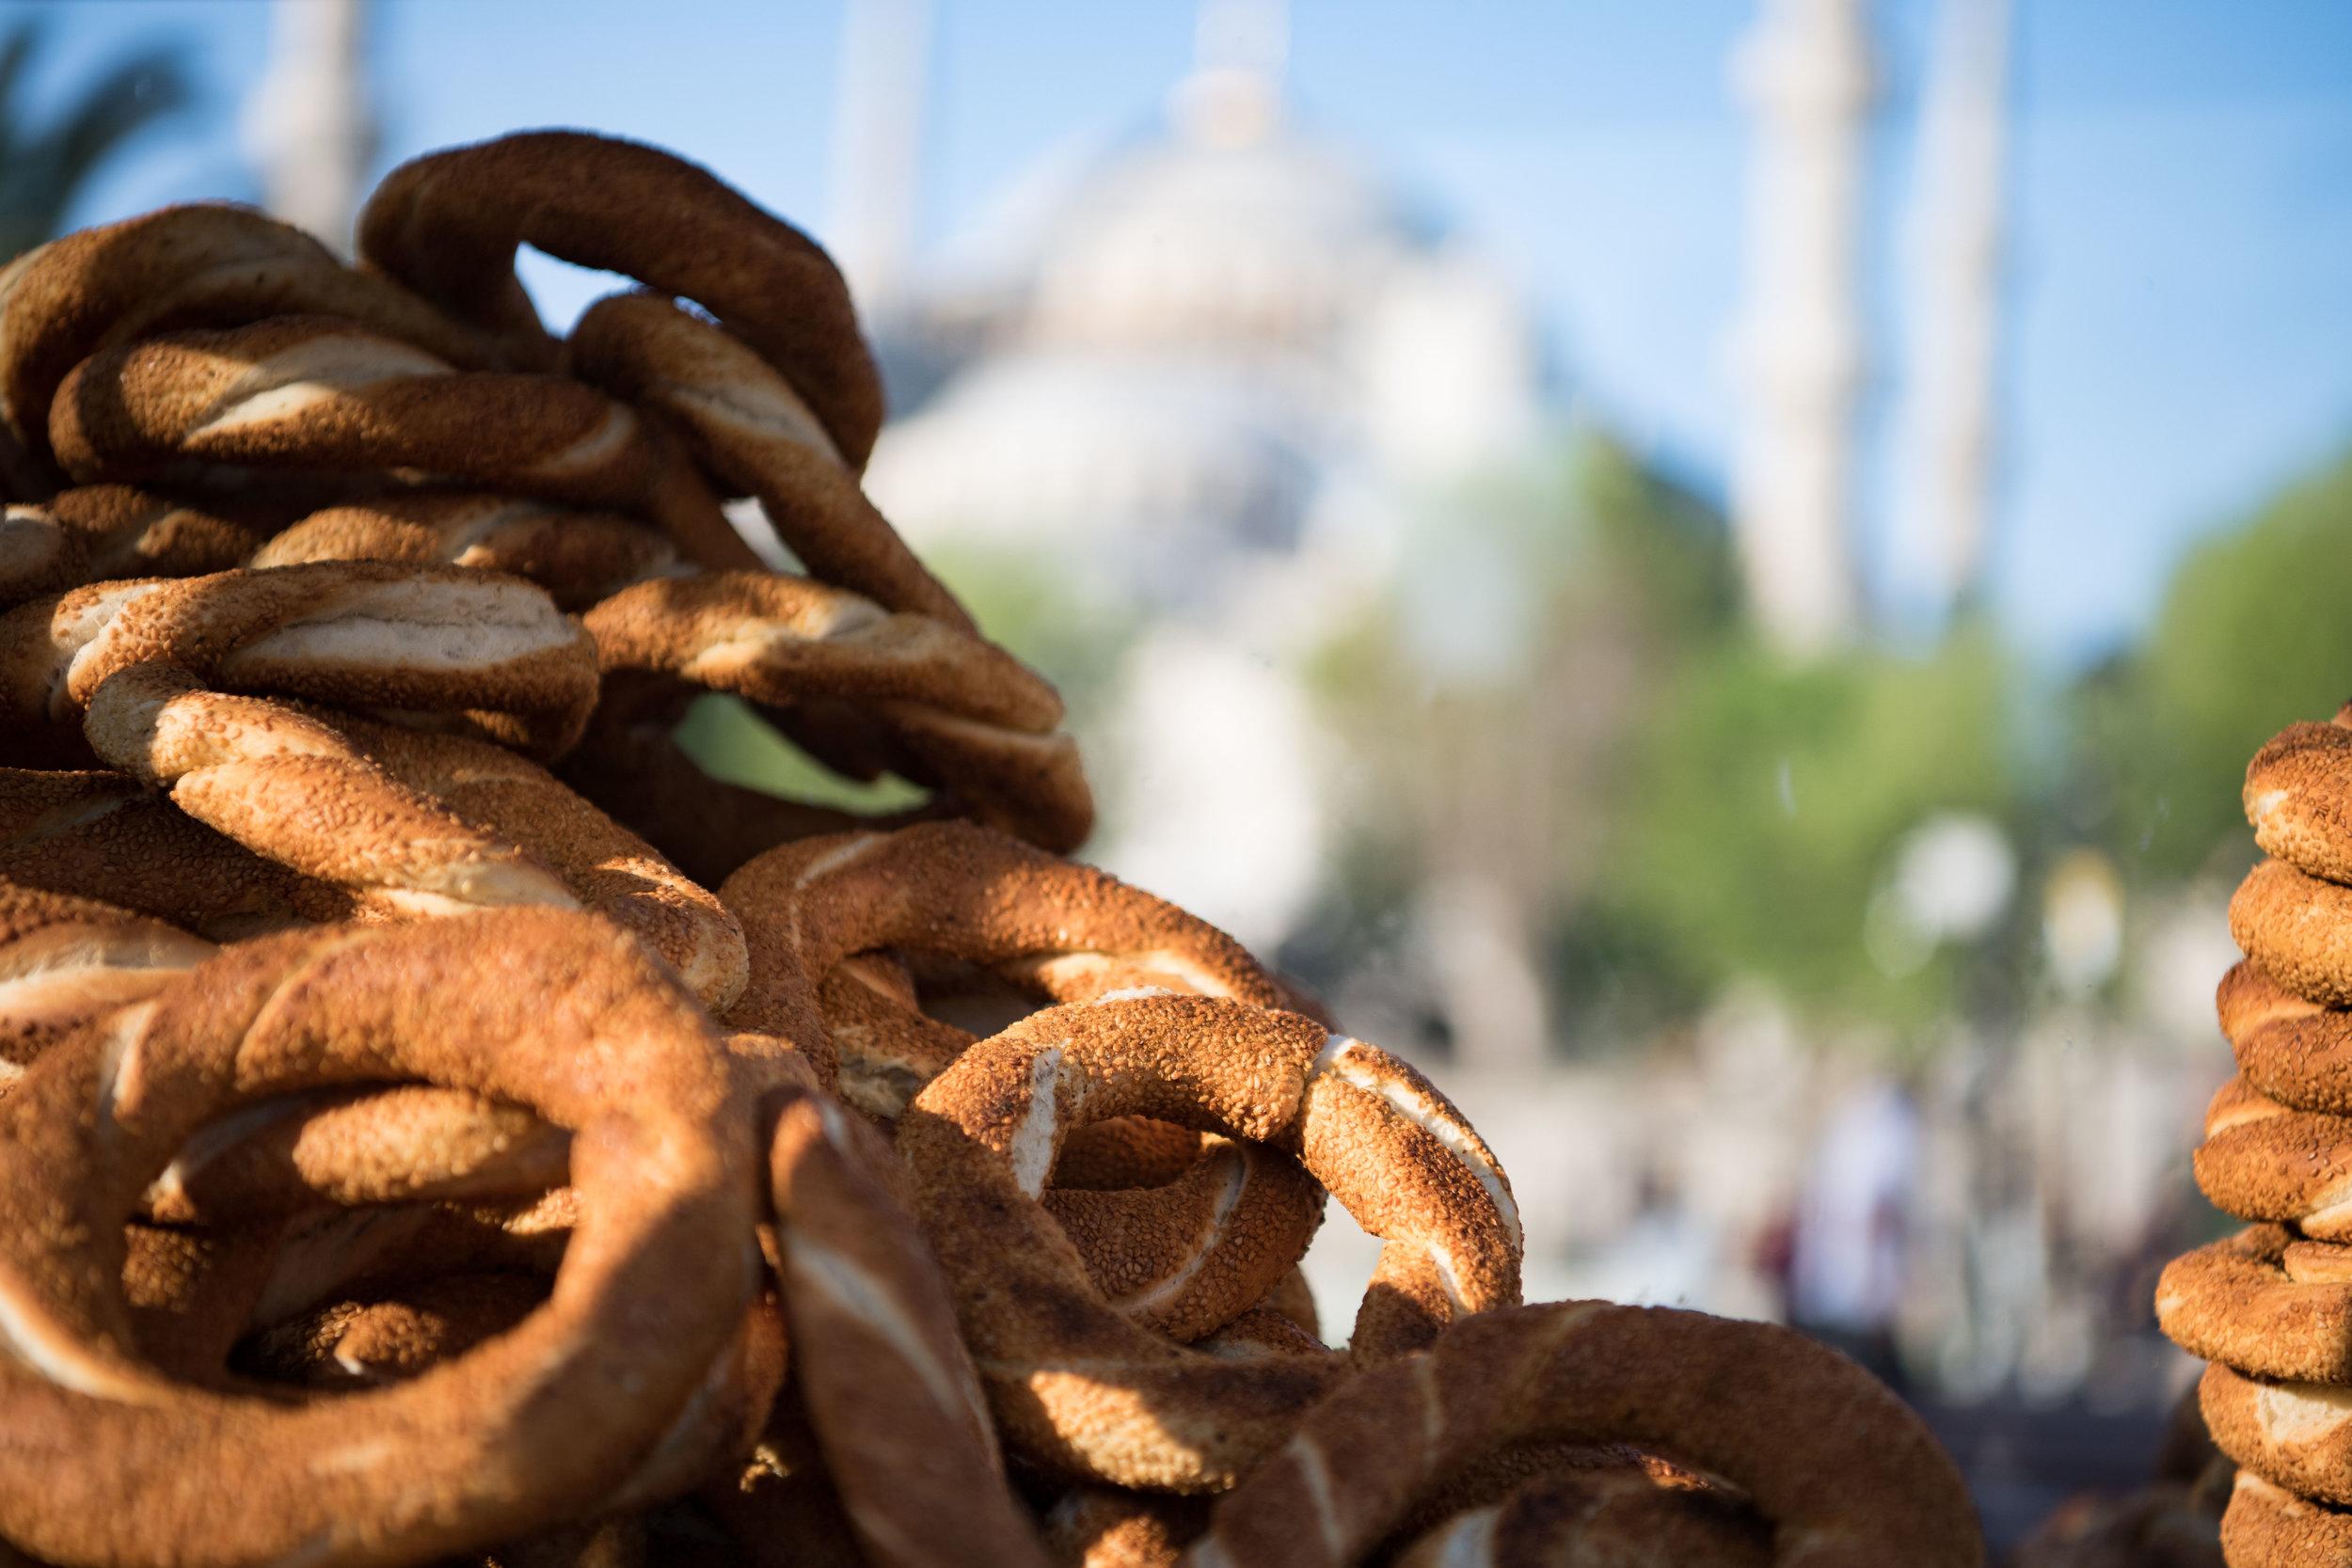 thetravelhub_istanbul_sultanahmet-2348.jpg